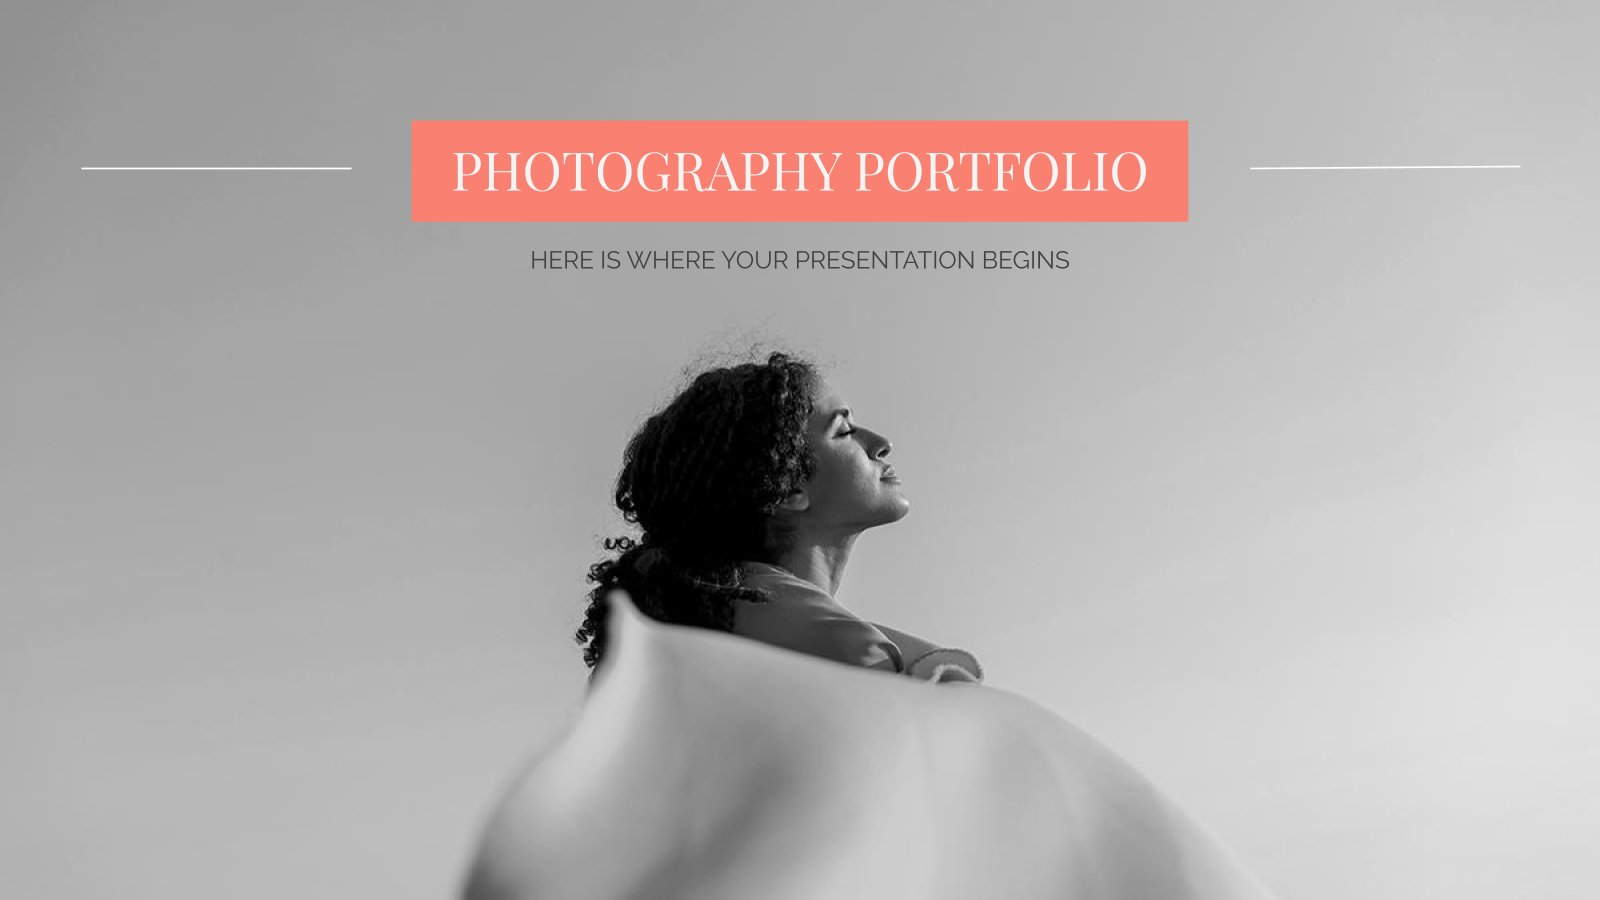 Portfolio de photographies : Modèles de présentation